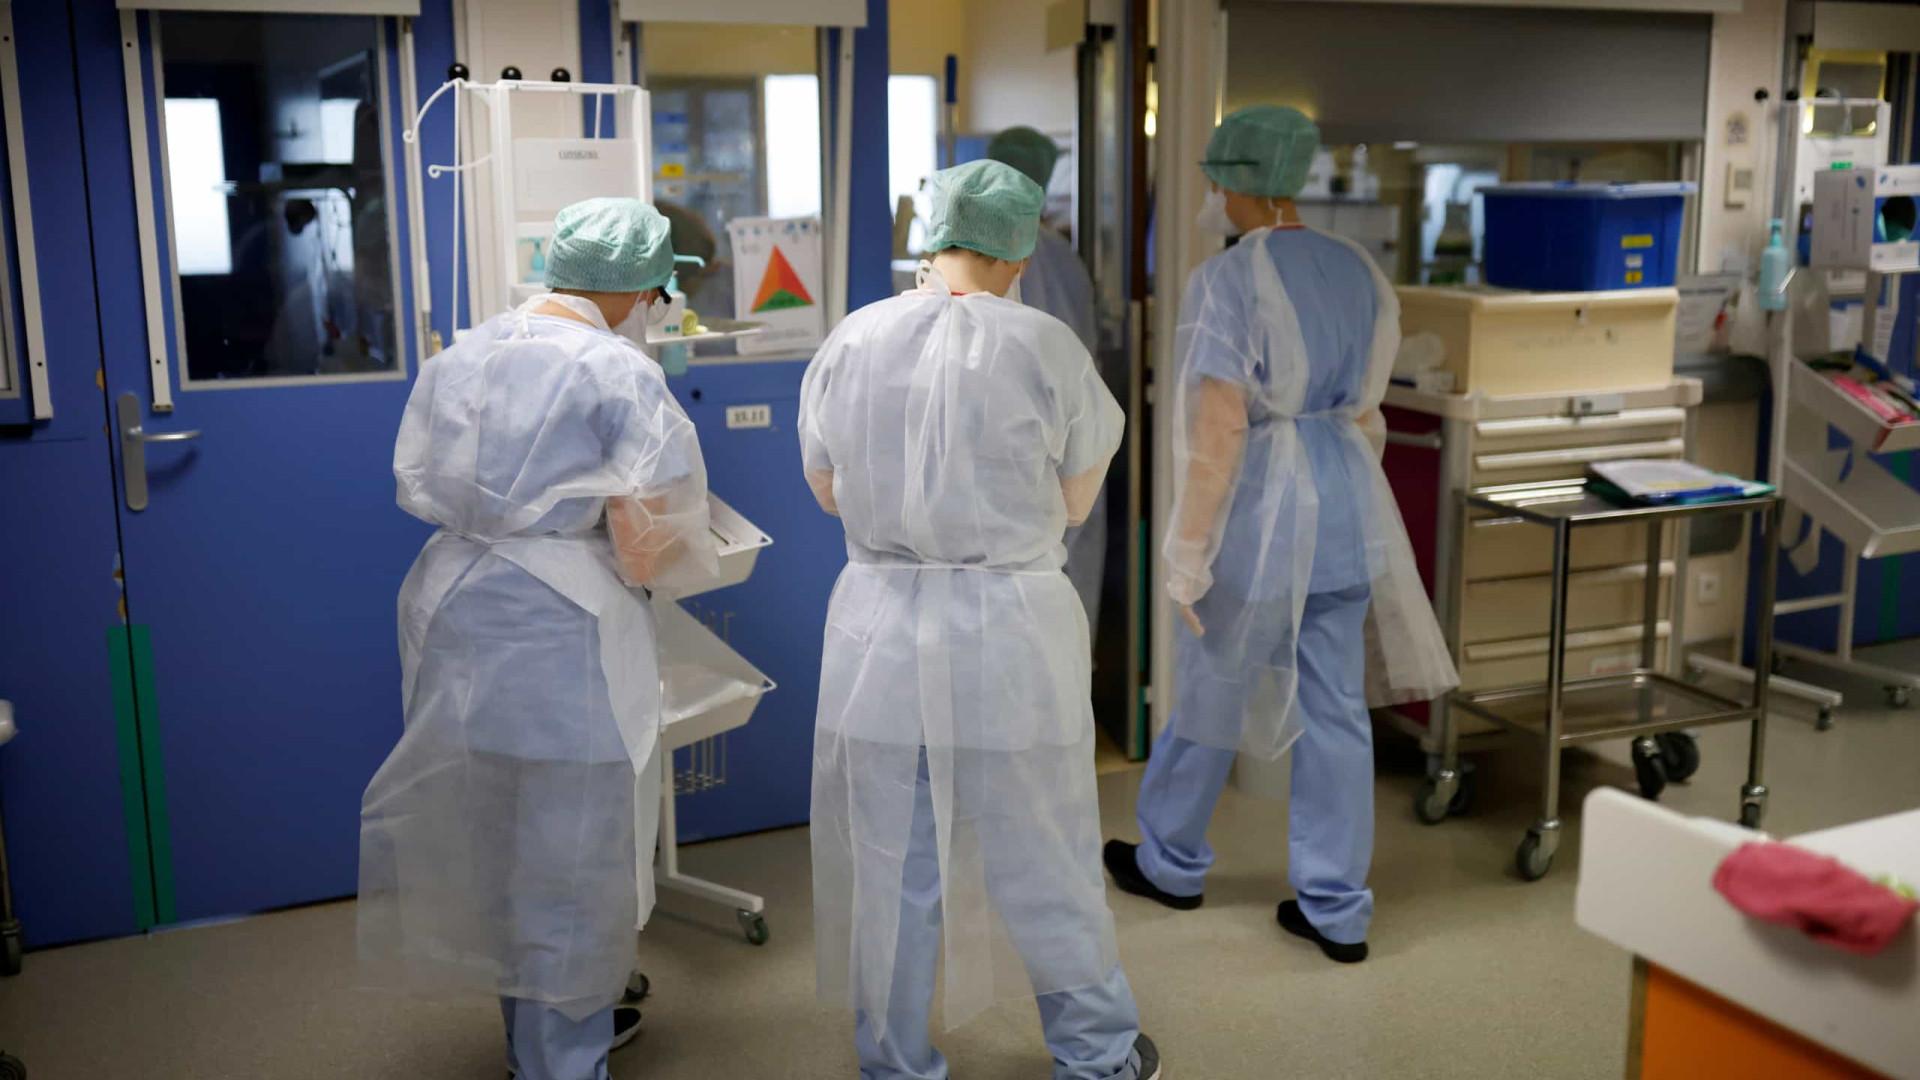 França começa a suspender enfermeiro que não se vacina contra Covid